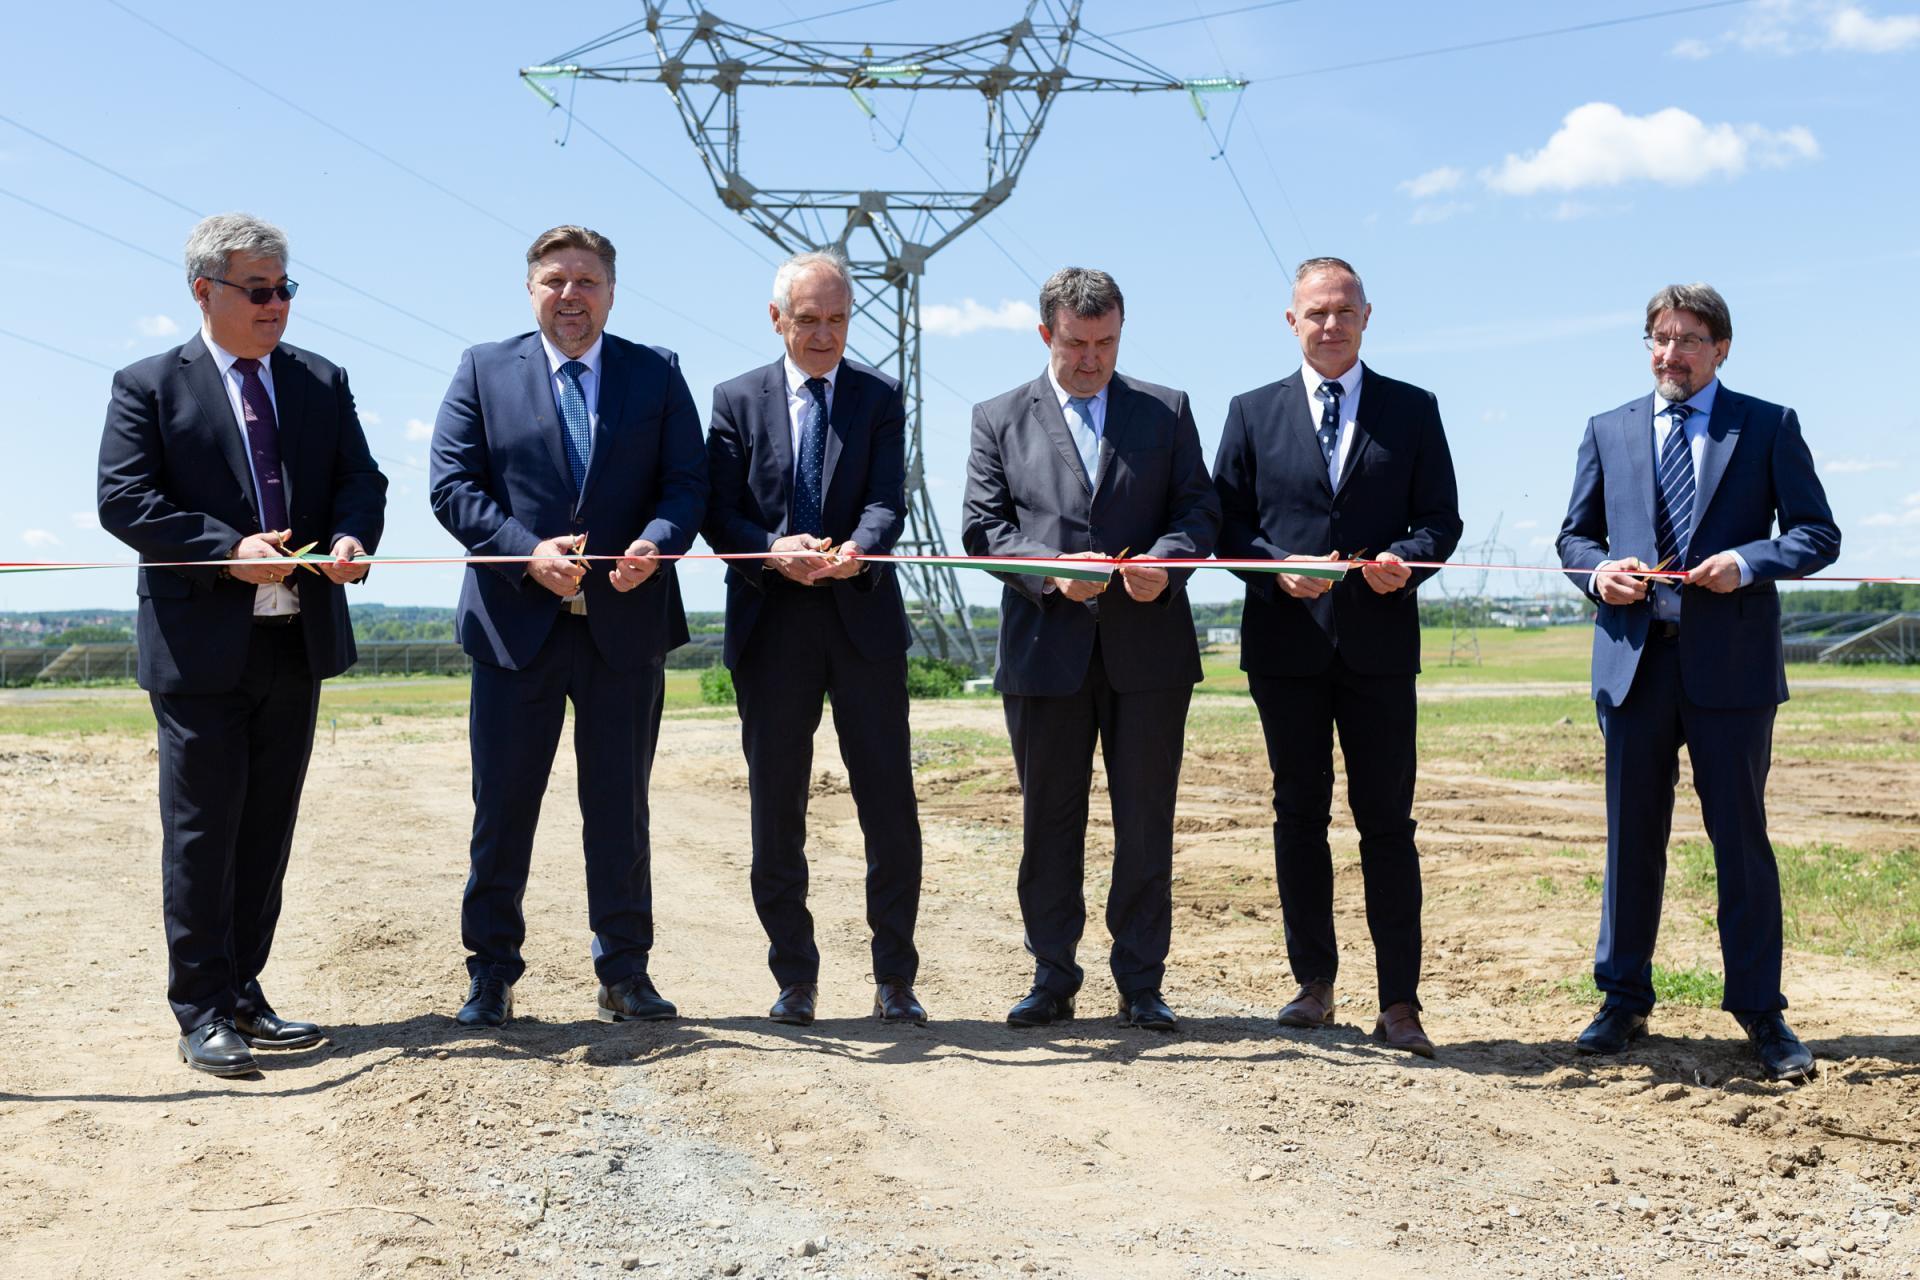 Átadták Közép-Európa legnagyobb naperőművét Kaposváron